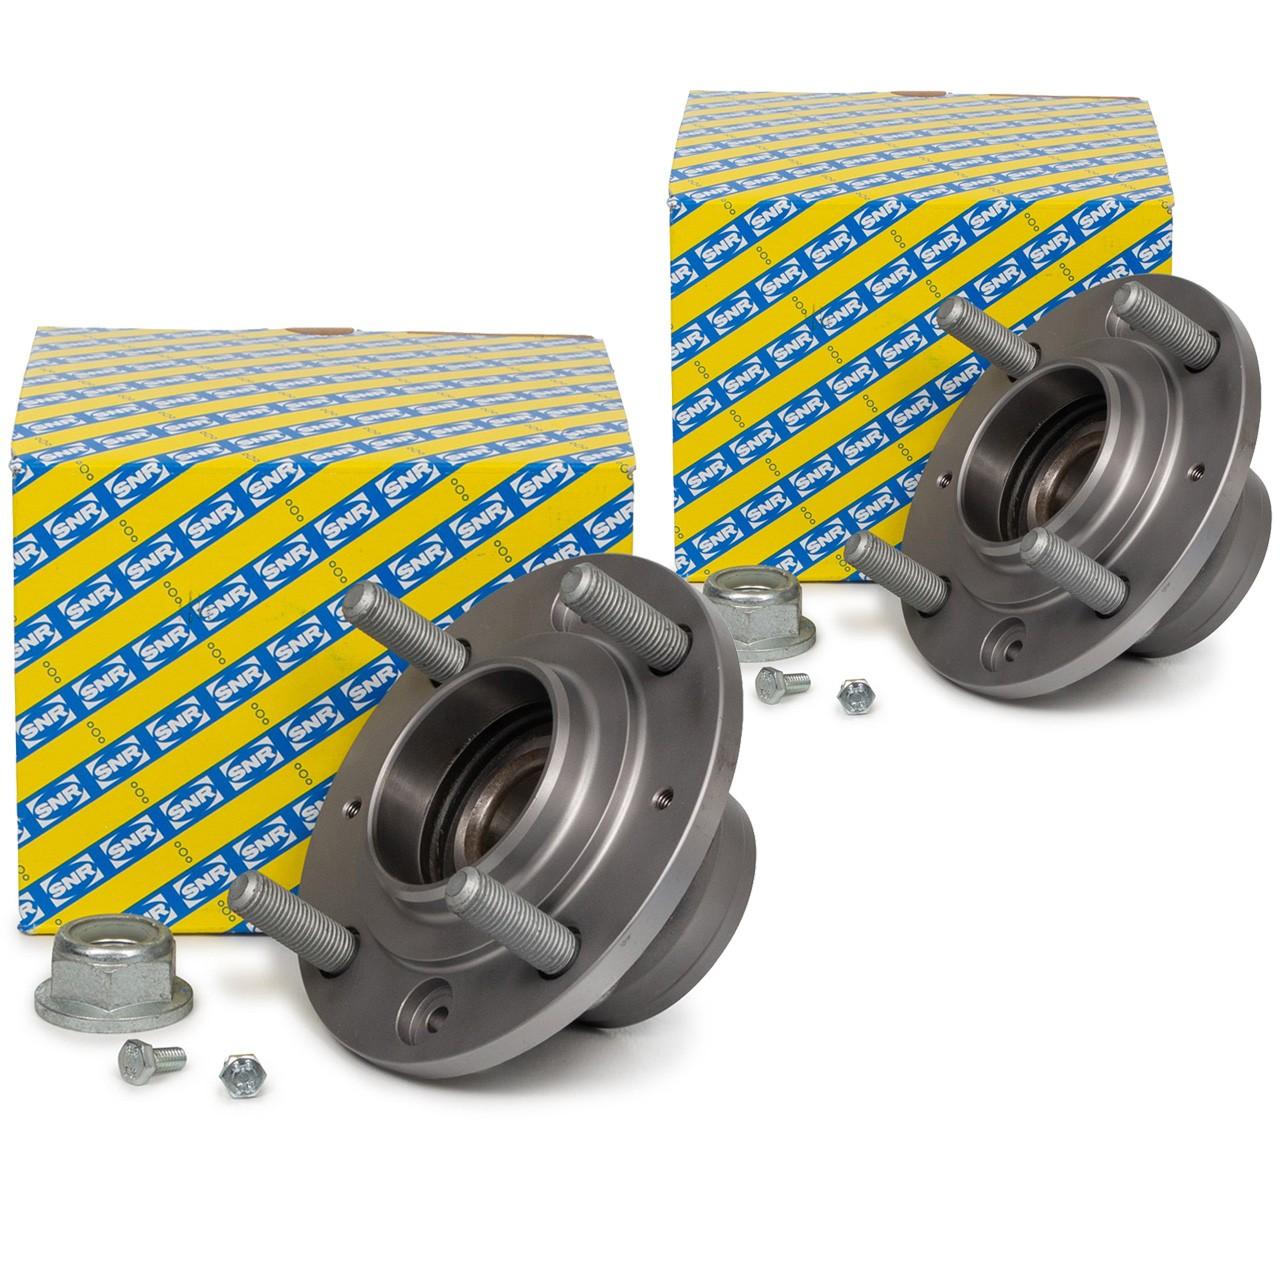 2x SNR R165.22 Radlagersatz Radnabe VOLVO S40 I (644) V40 Kombi (645) hinten